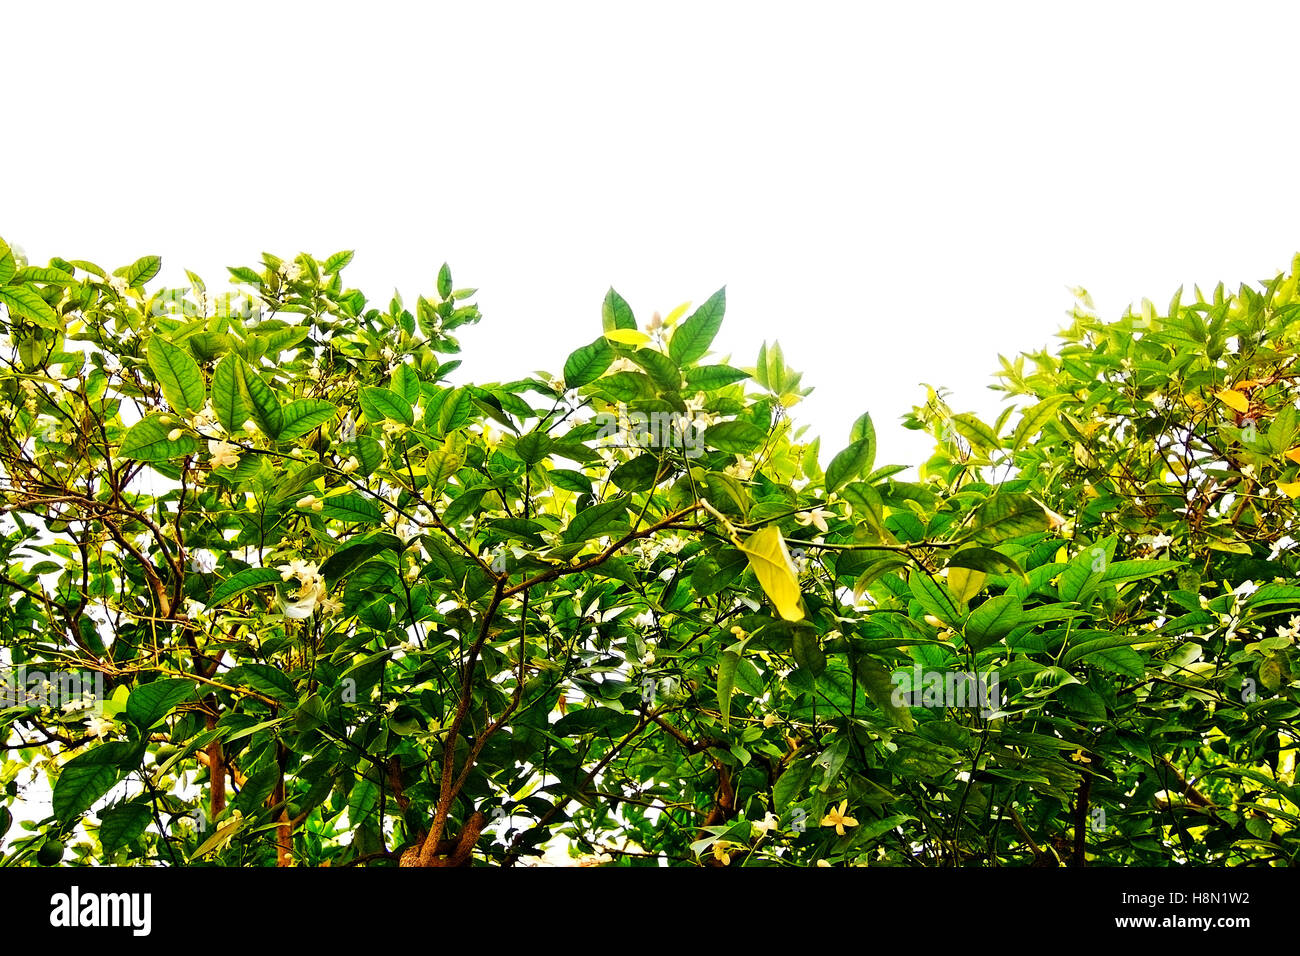 Fiori Bianchi Ottobre.Fiori Bianchi In Pianta Di Limone Su Sfondo Bianco Margine